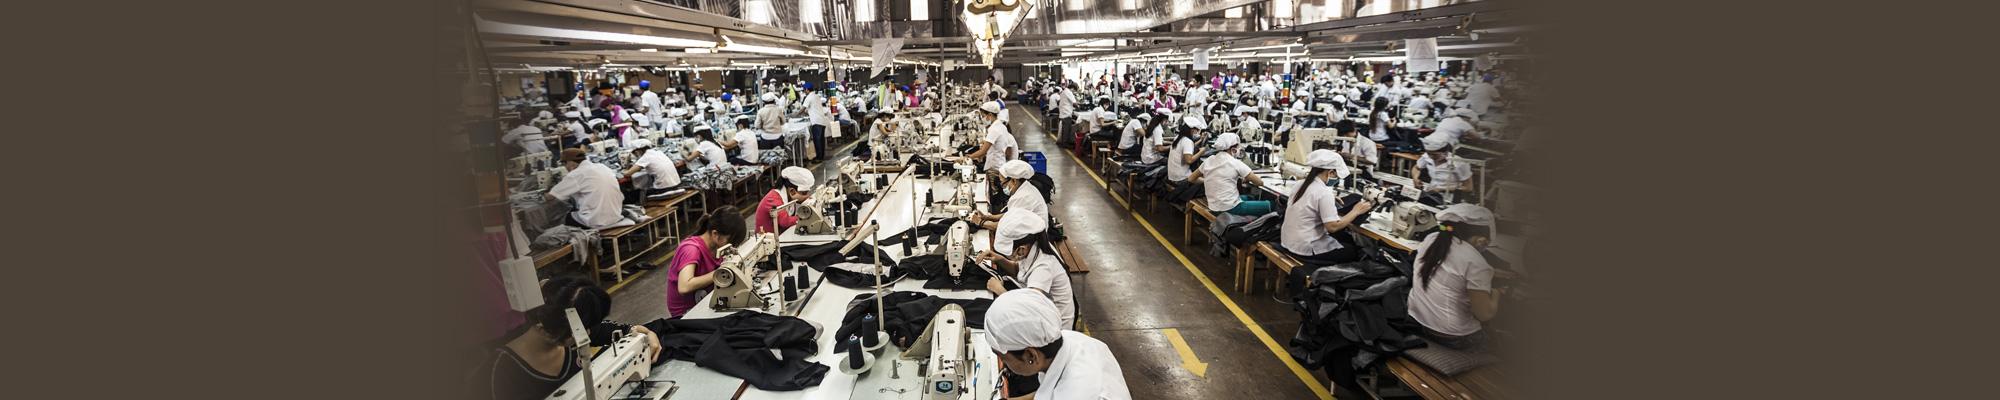 faire-rente_SLIDES_factory